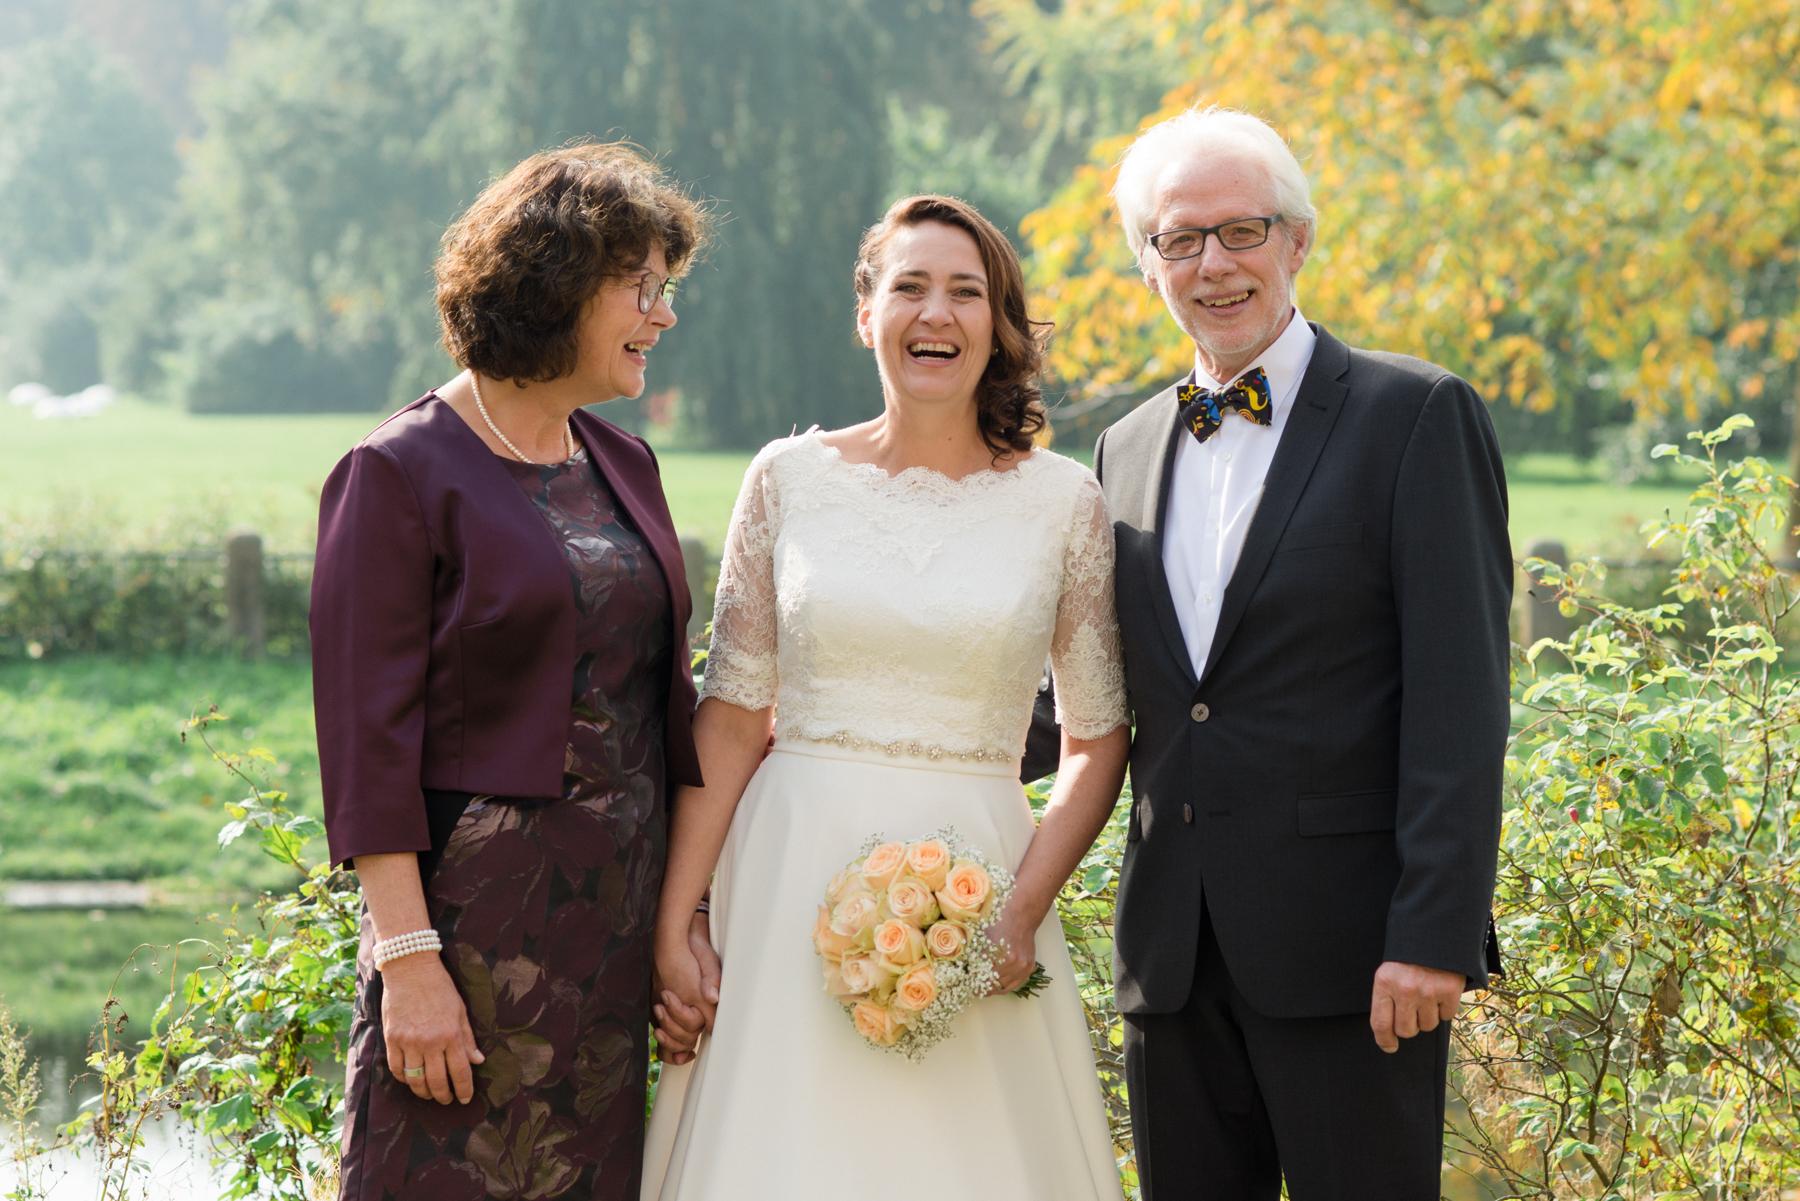 Bluhm-Hochzeitsfotograf-HochzeitamMeer-31.jpg